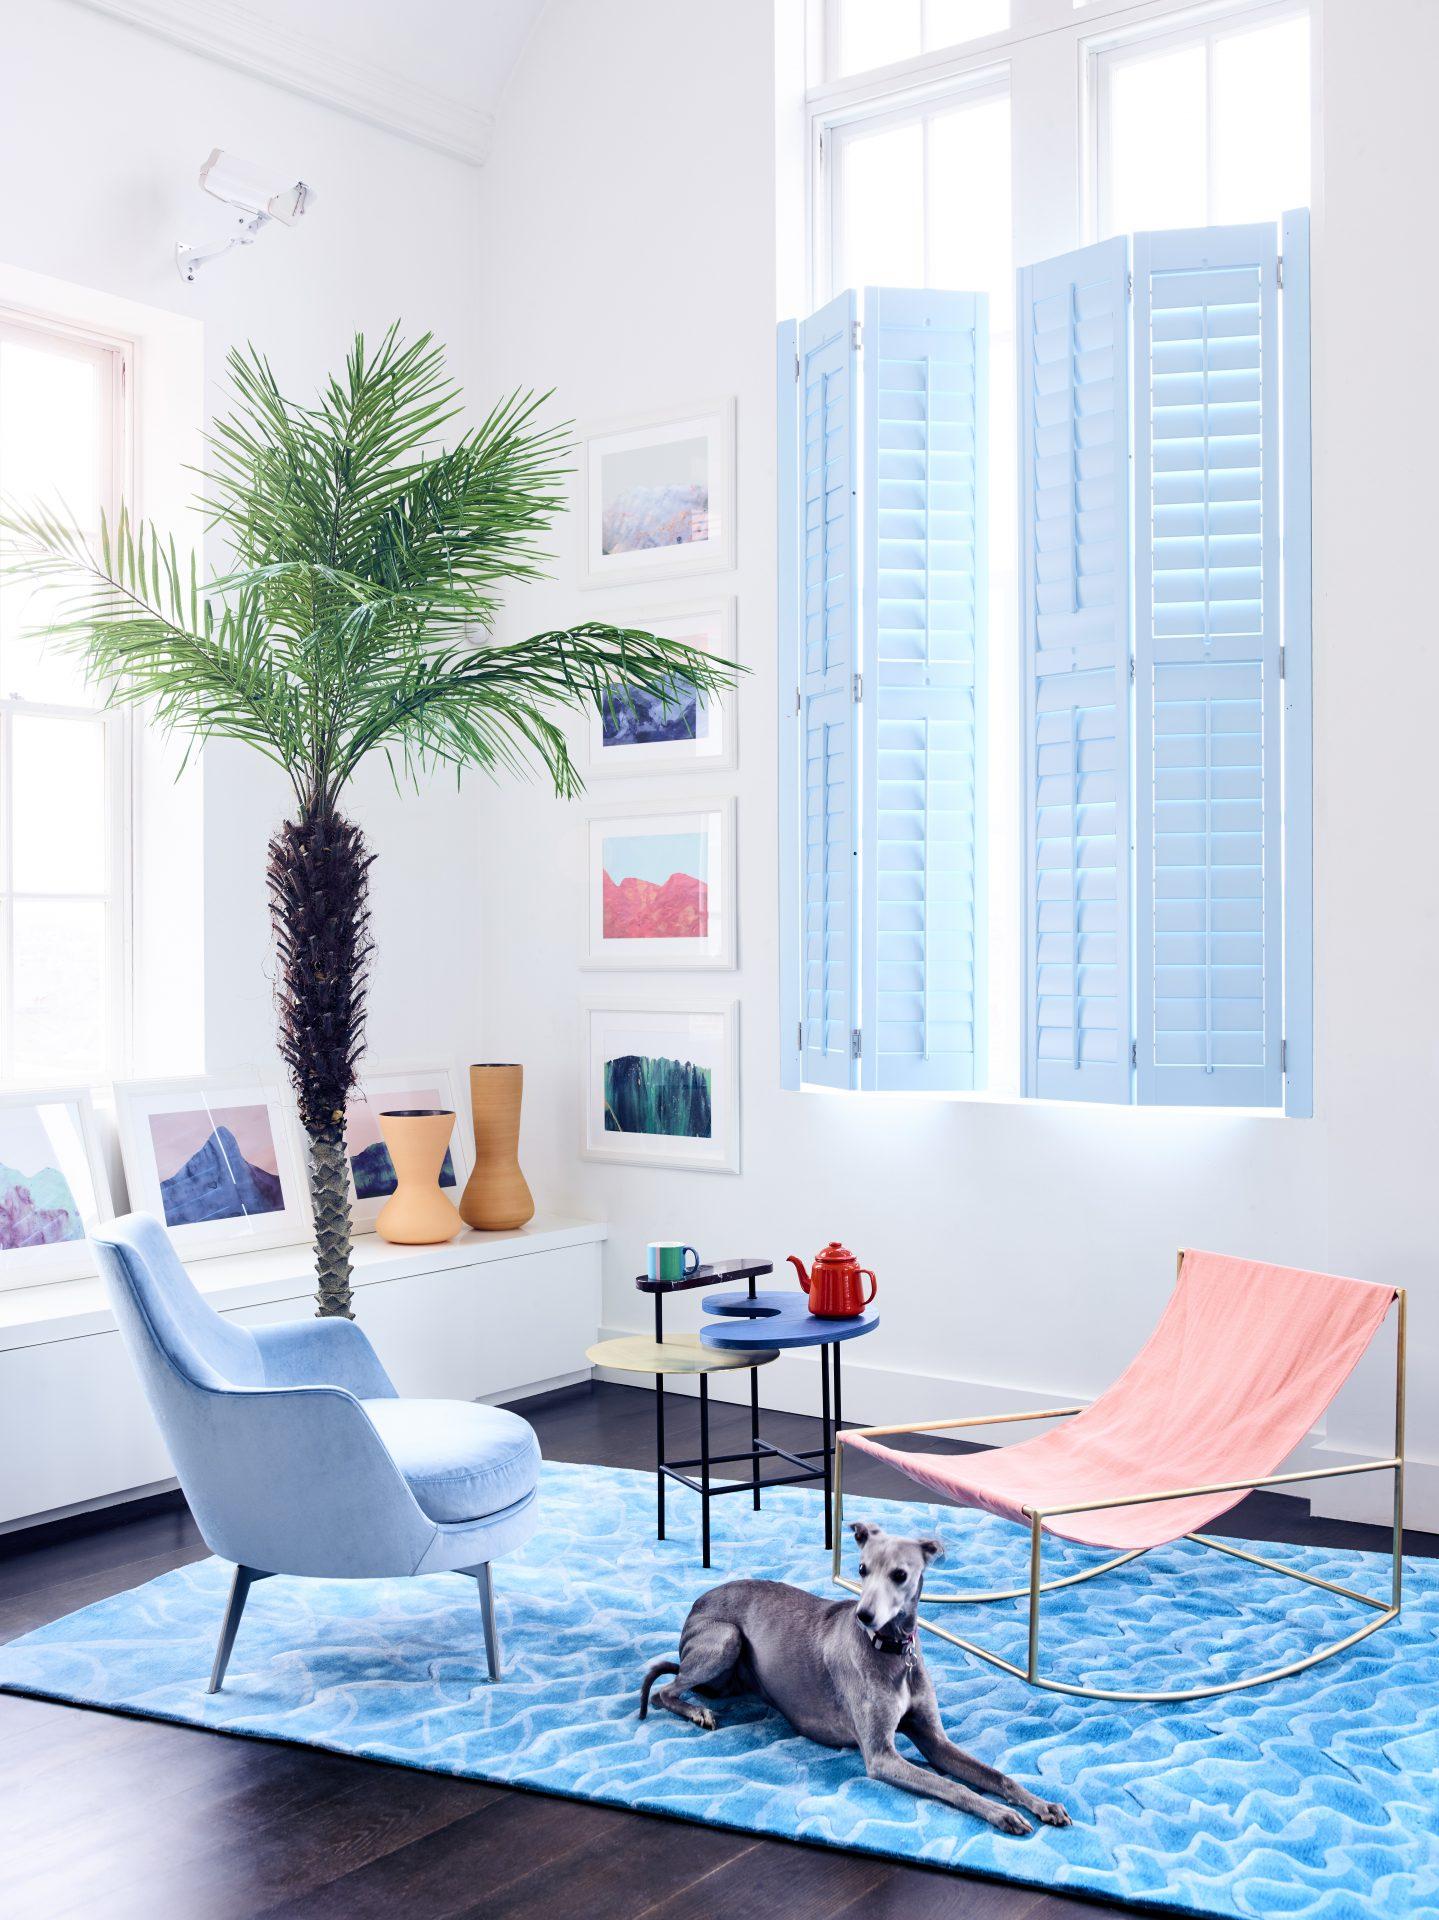 Hockney-inspired-vibrant-colour-8-1439x1920.jpg